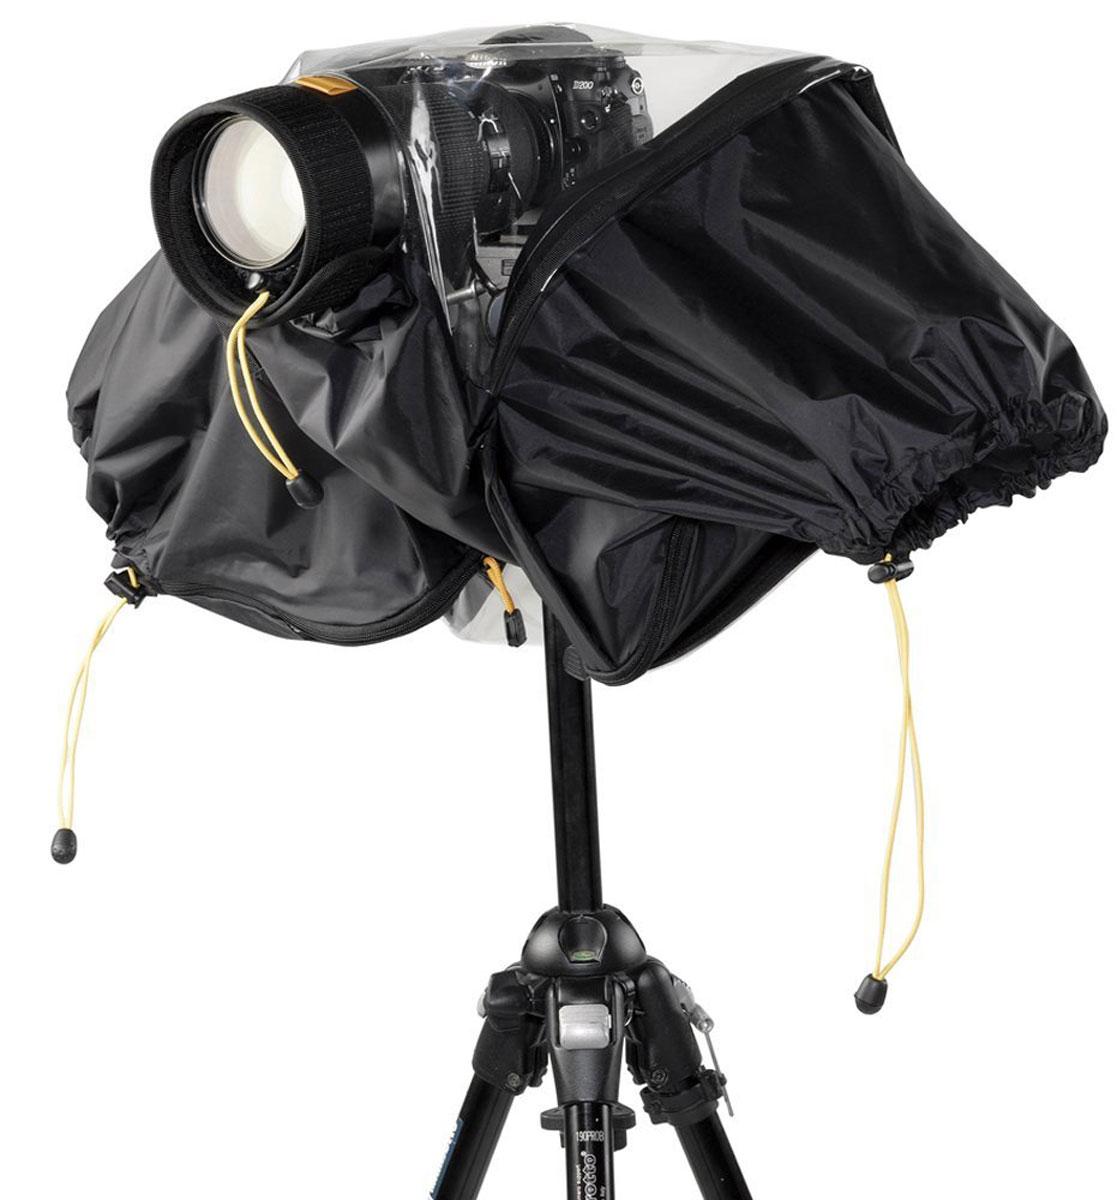 Kata E-705 Всепогодный чехол7290100284896Всепогодный чехол Kata E-705 служит для защиты профессиональной цифровой зеркальной камеры с объективом 70 / 200 мм и установленной на нее вспышкой, позволяя вам продолжать съемку даже в суровых погодных условиях. Размещенная по всей длине чехла застежка позволяет быстро устанавливать и защищать камеру на треноге, а также обеспечивает оперативный доступ к управлению оборудованием. Регулируемая жесткая бленда подходит для разных диаметров объективов.